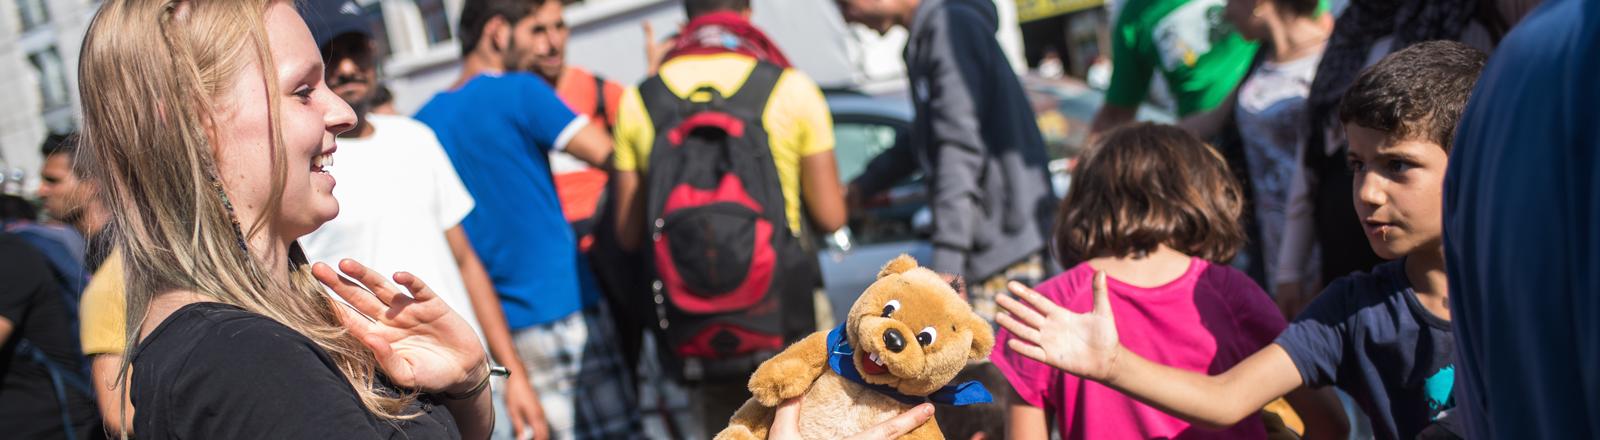 Menschen helfen am Hauptbahnhof in München